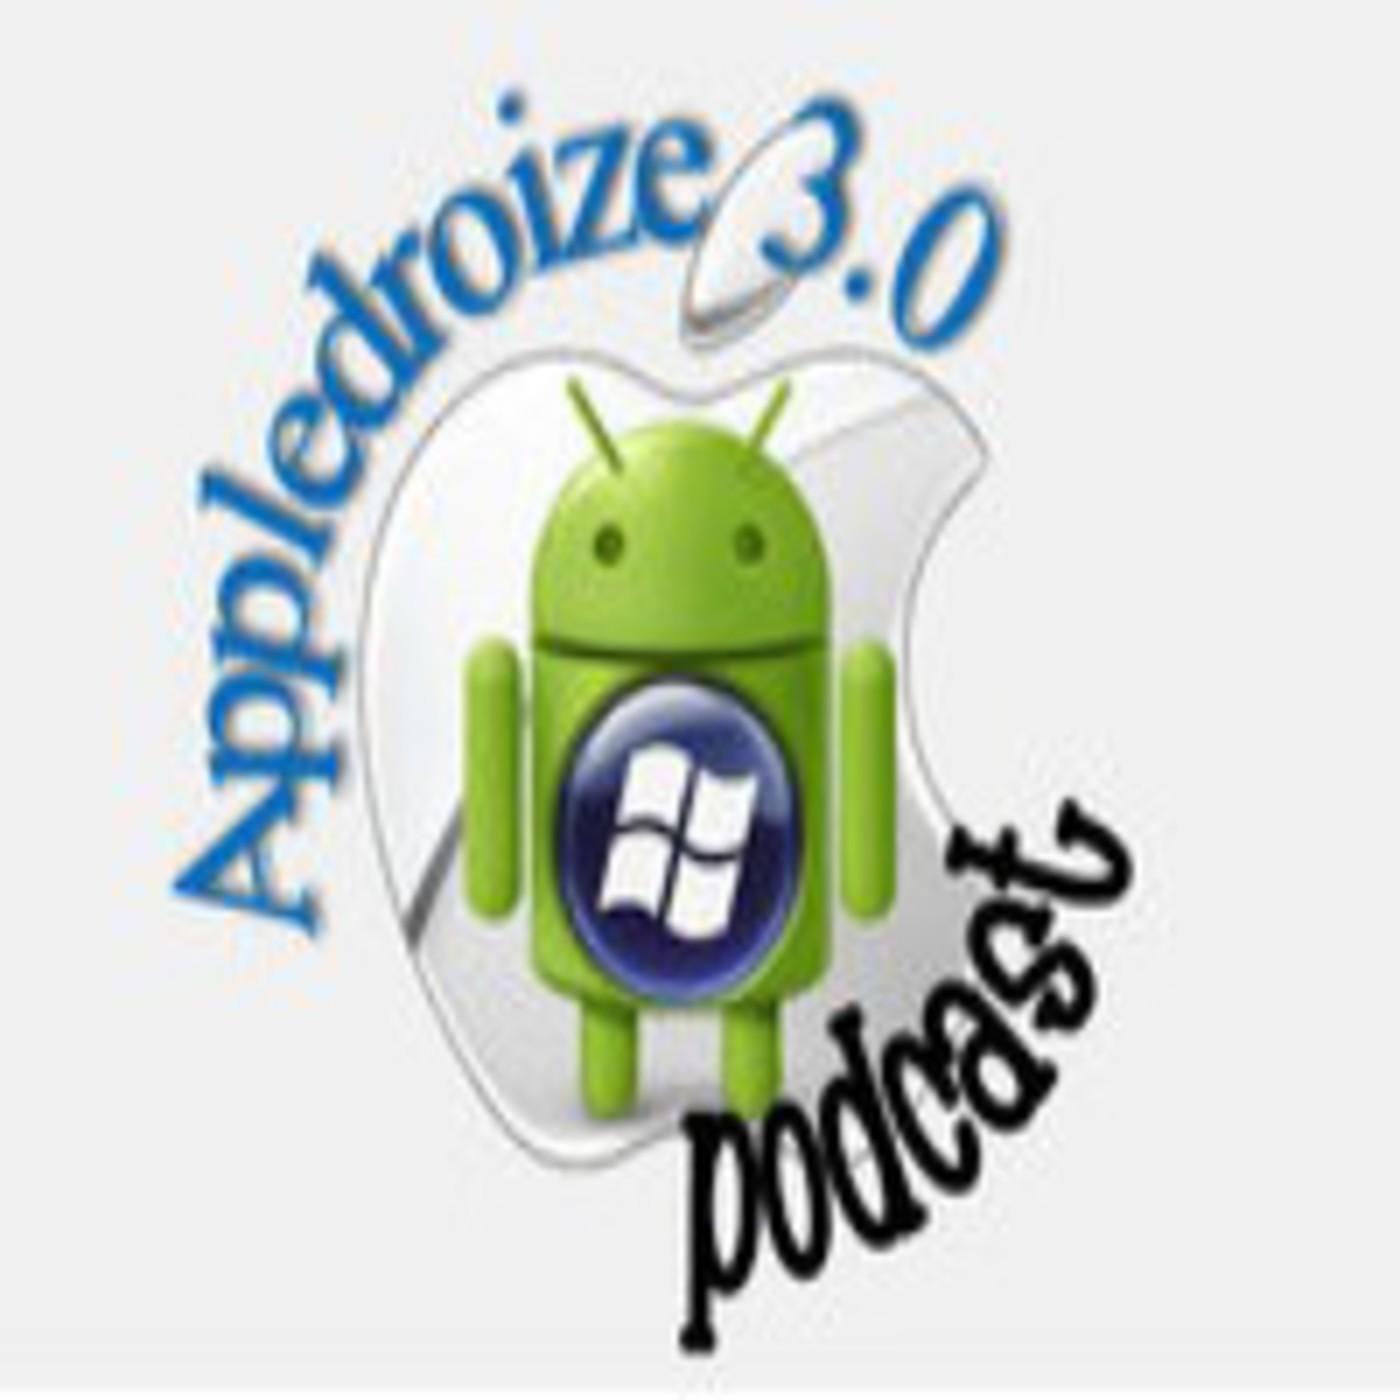 <![CDATA[Appledroize 3.0]]>